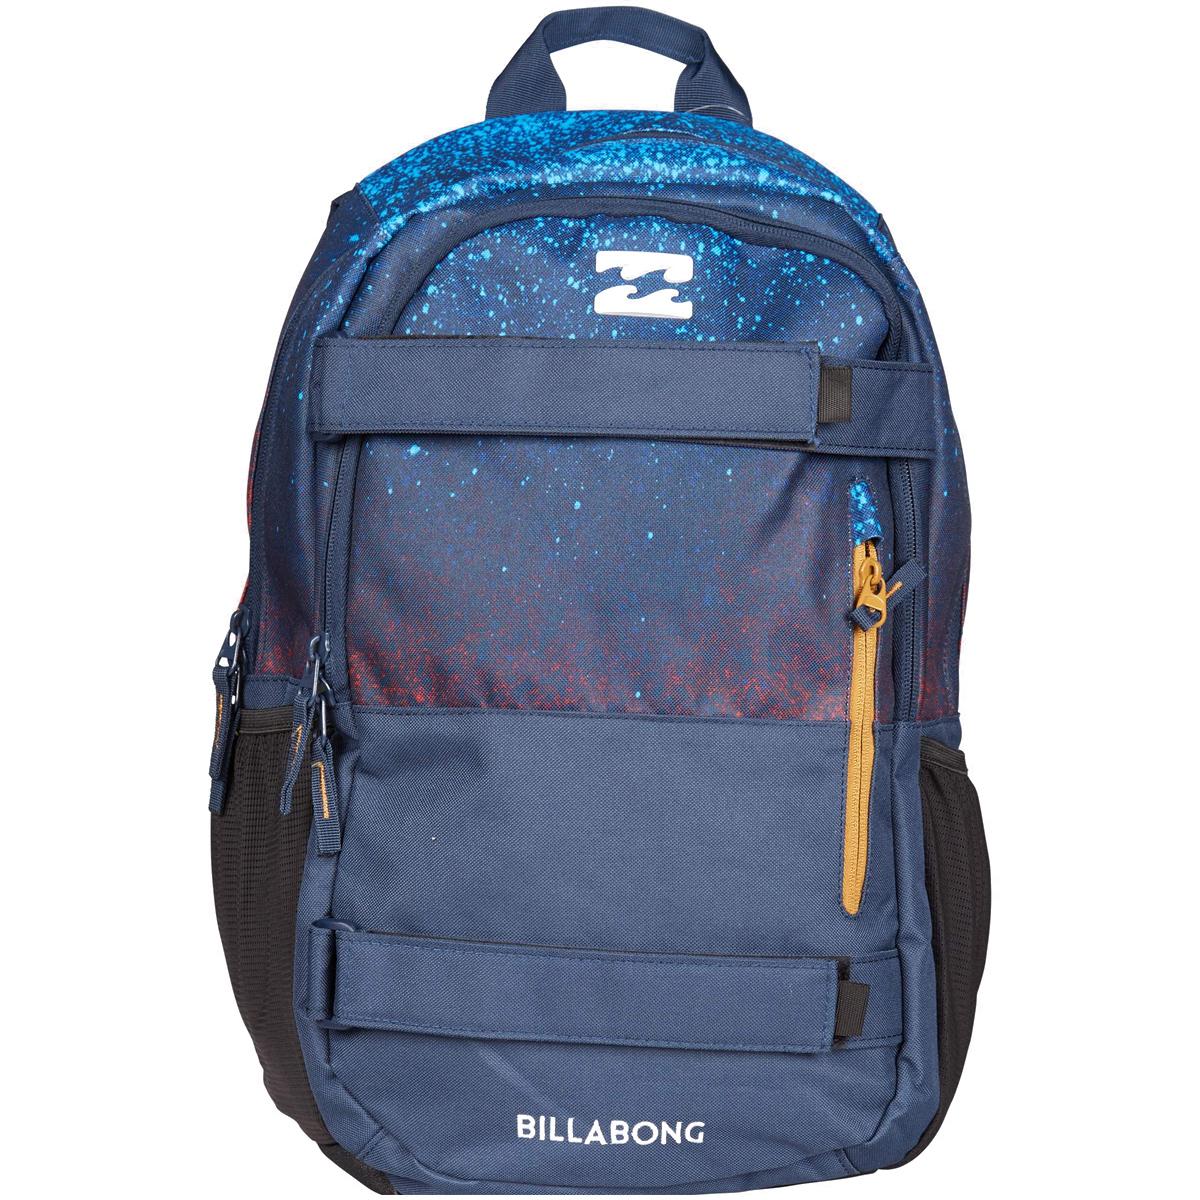 Рюкзак городской Billabong No Comply, цвет: темно-синий3607869368691Удобный рюкзак, дополненный ремнями для крепления скейтборда и отделением для ноутбука. Отличная модель, которая позволит с комфортом передвигаться по городу со скейтом, освободив руки, а также не переживать за сохранность ПК. Достаточный объем уверенно удовлетворит повседневные потребности, а эргономичные лямки подарят комфорт при транспортировке даже тяжело нагруженного рюкзака. Передний карман со скрытой молнией и с дополнительным вертикальным карманом. Боковые карманы из сетки. Усиленное дно. Эргономичные лямки регулируются по длине. Регулируемый нагрудный ремень.